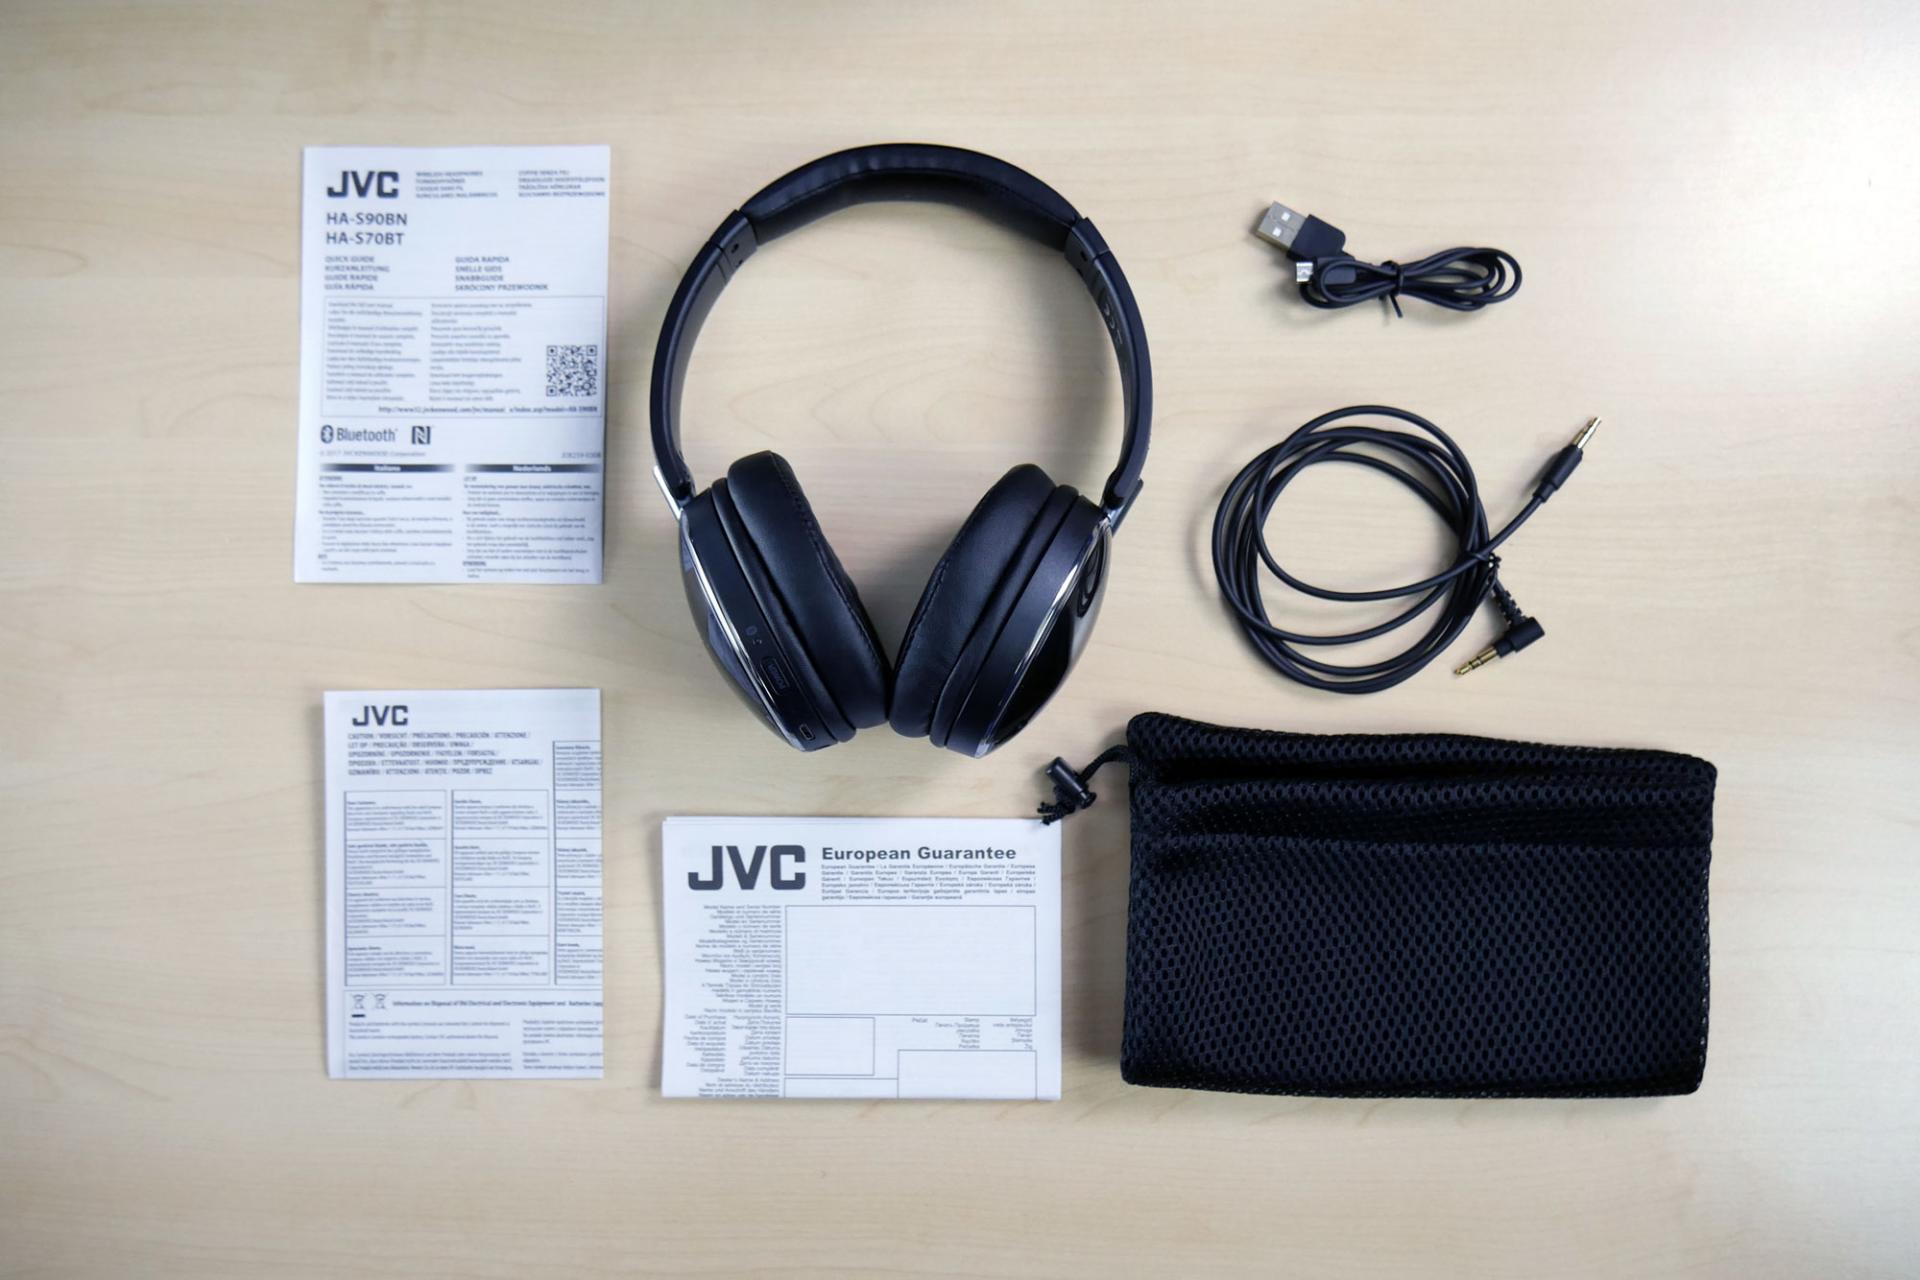 Обзор беспроводных наушников JVC HS-S90BN-B сактивным шумоподавлением